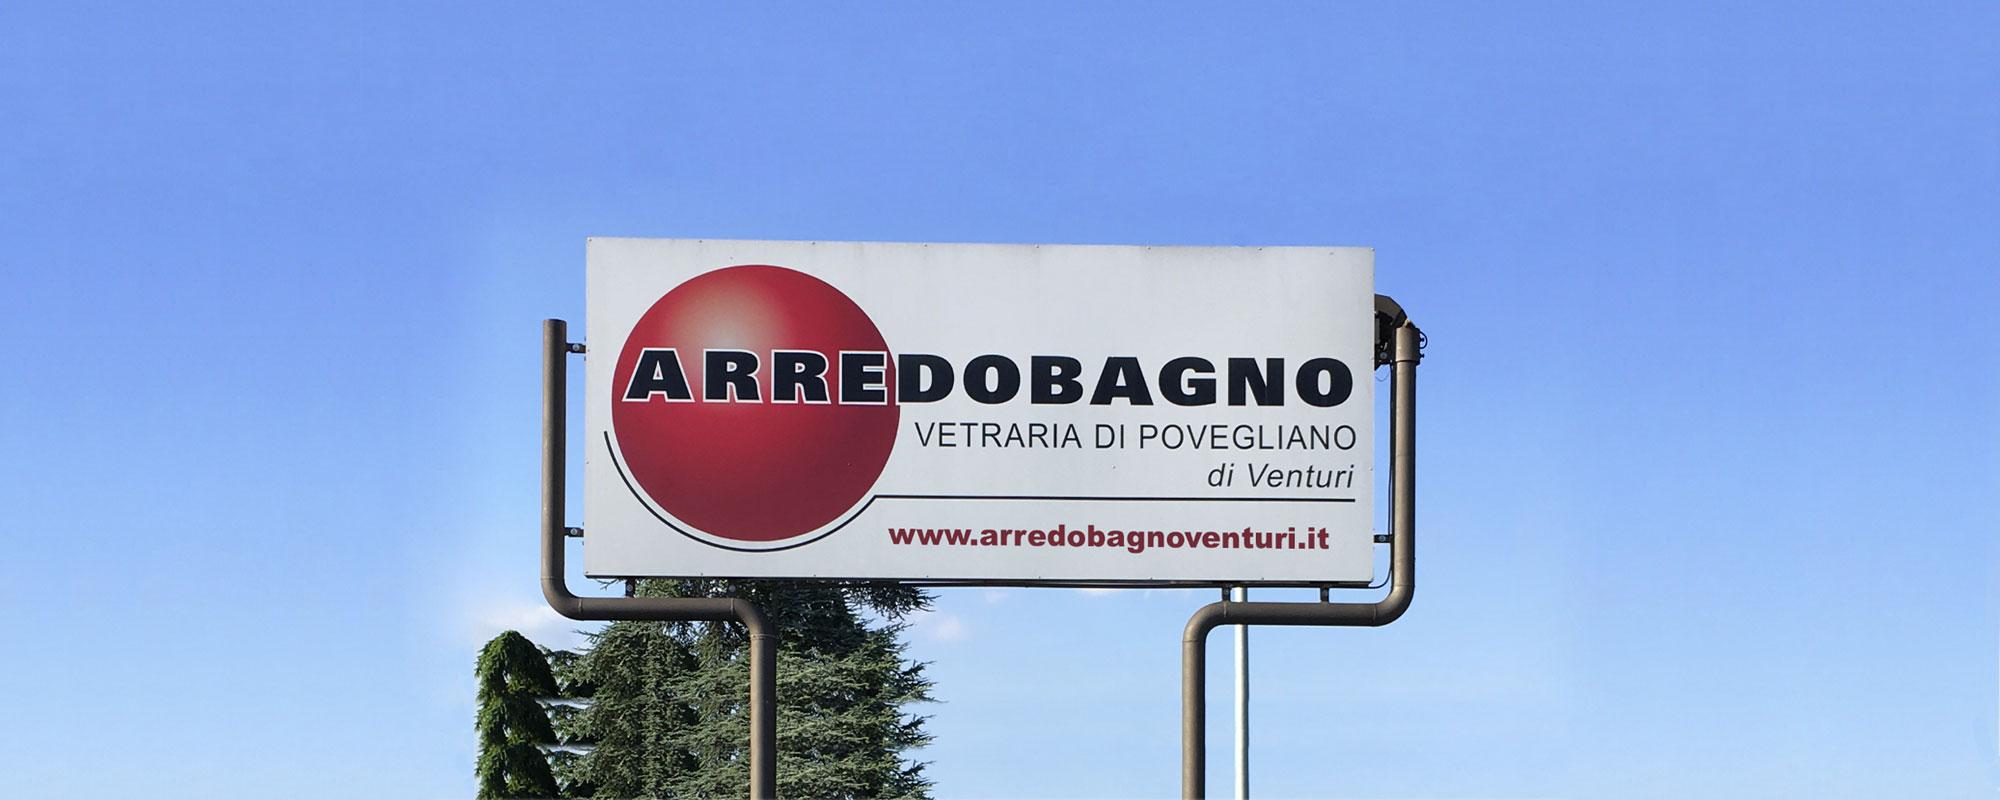 Arredo Bagno Venturi Povegliano.Contatti Arredobagno Venturi Verona